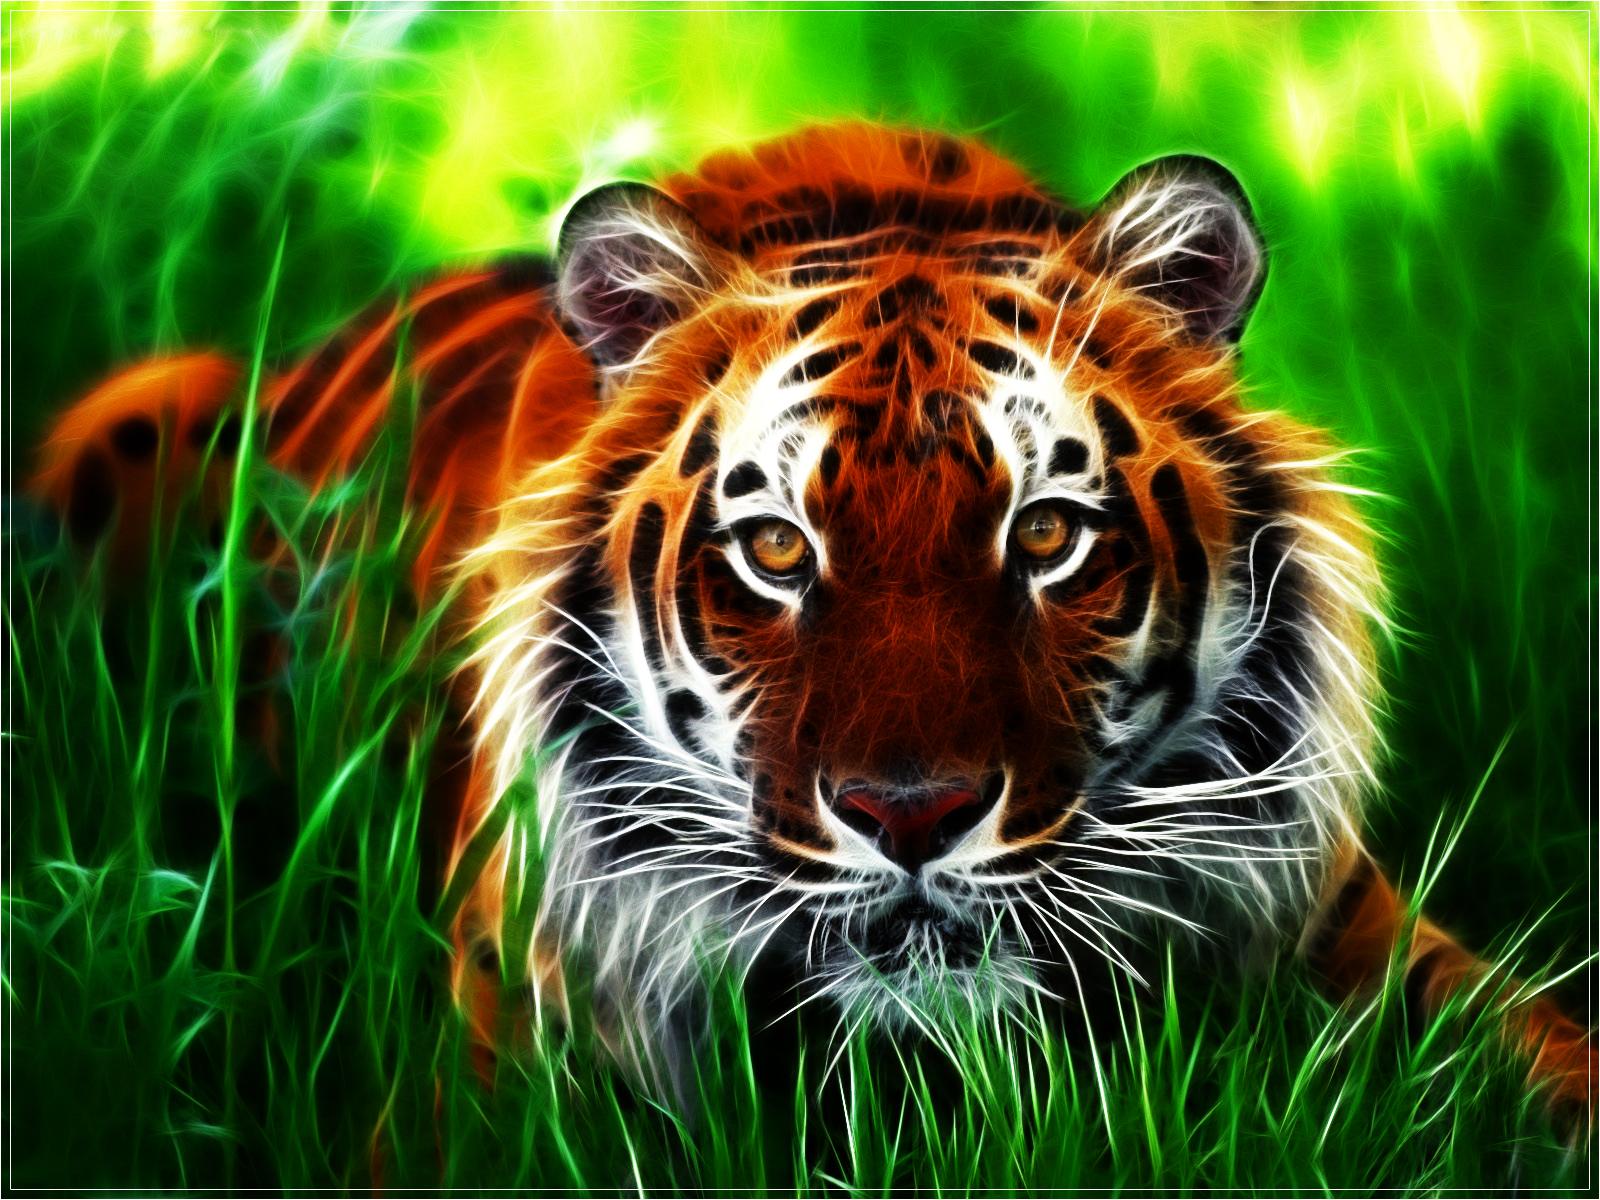 Tiger Desktop Wallpaper Wallpapersafari